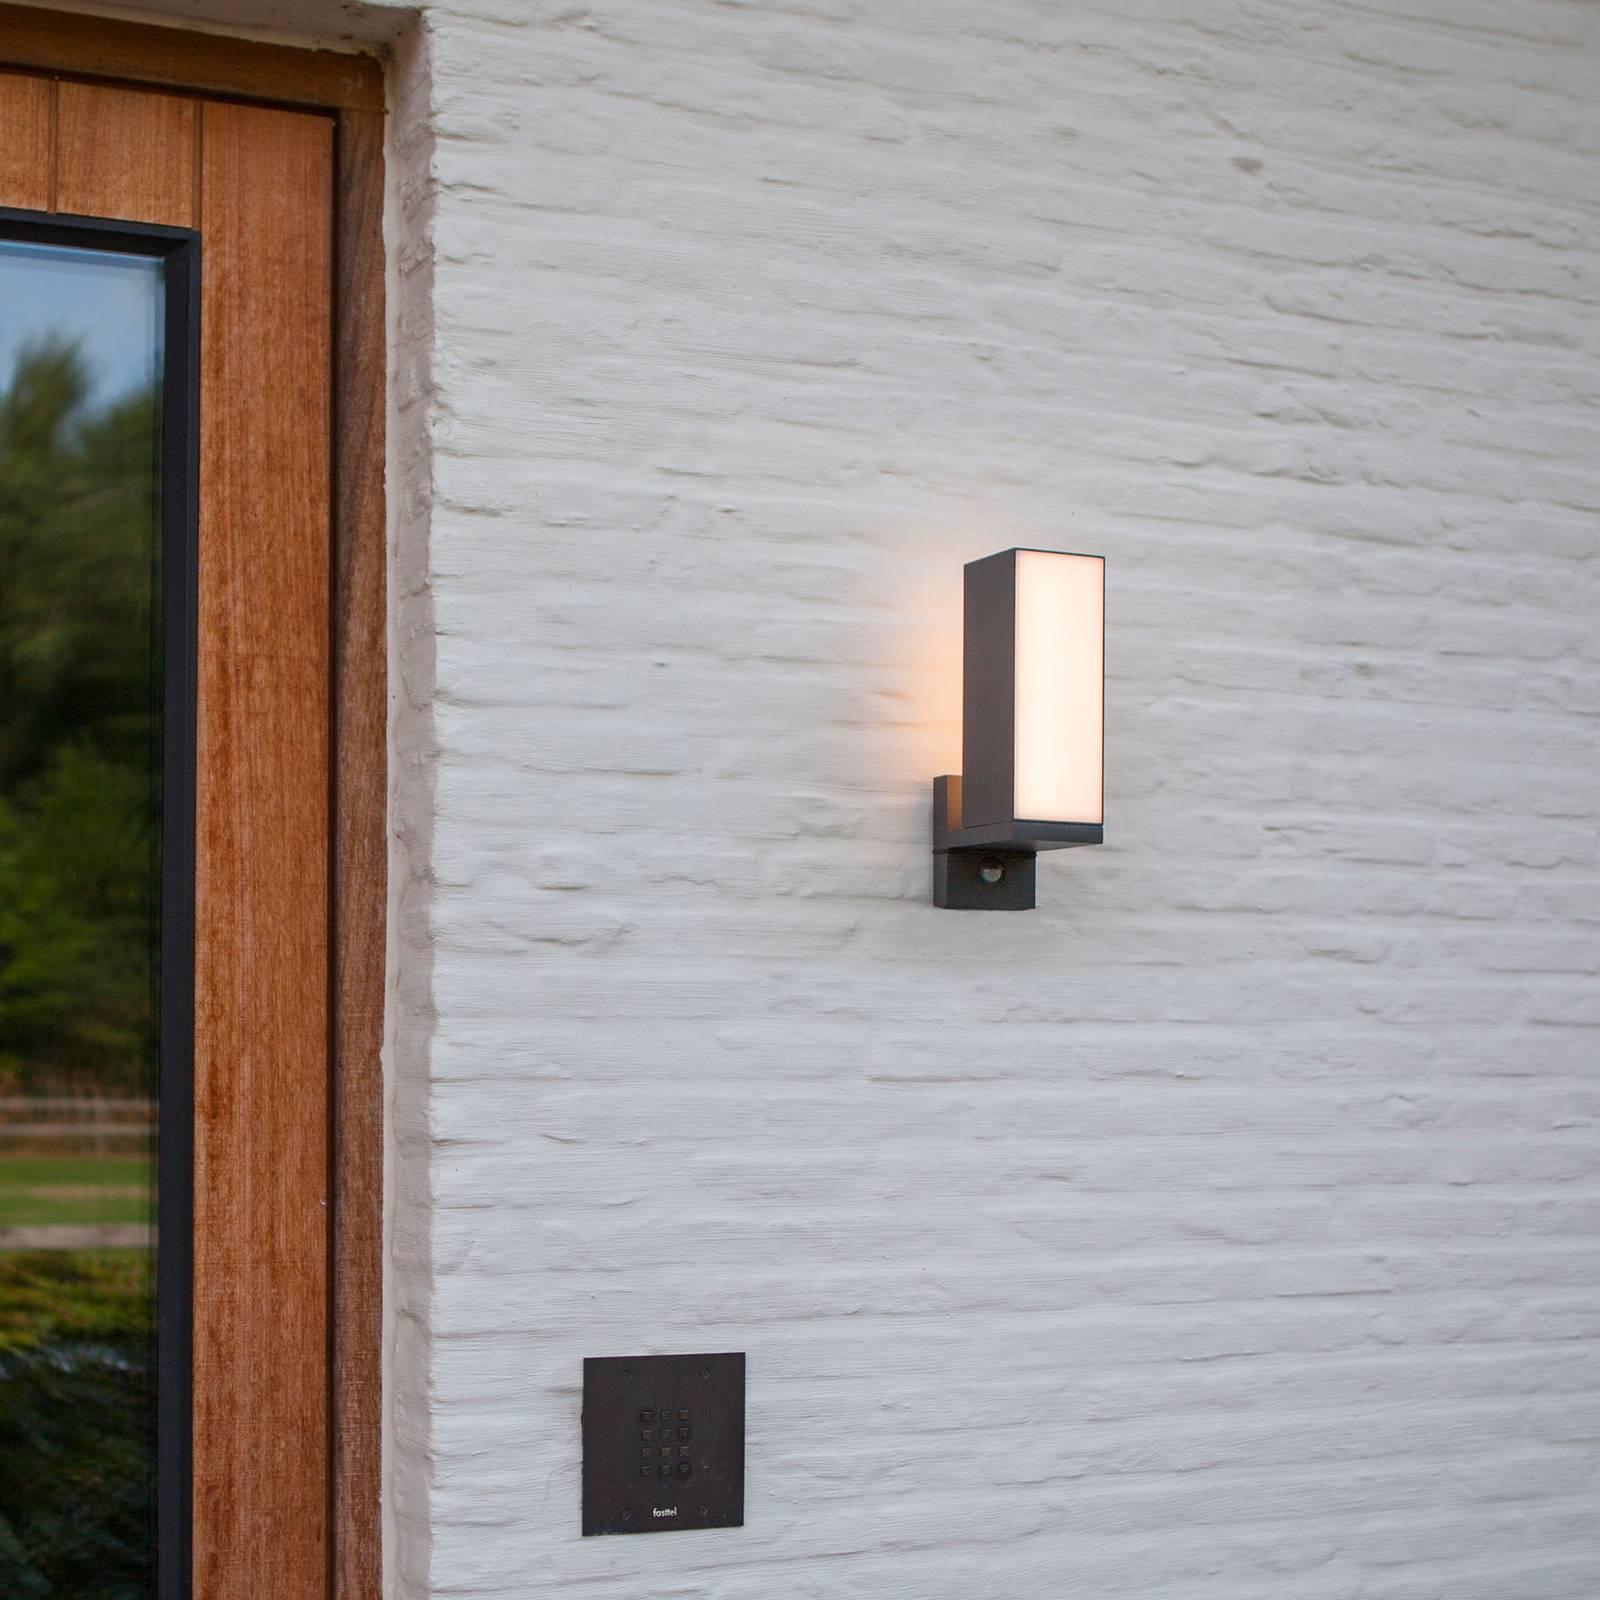 LED-ulkoseinälamppu Cuba, 1 lamppu, liiketunnistin